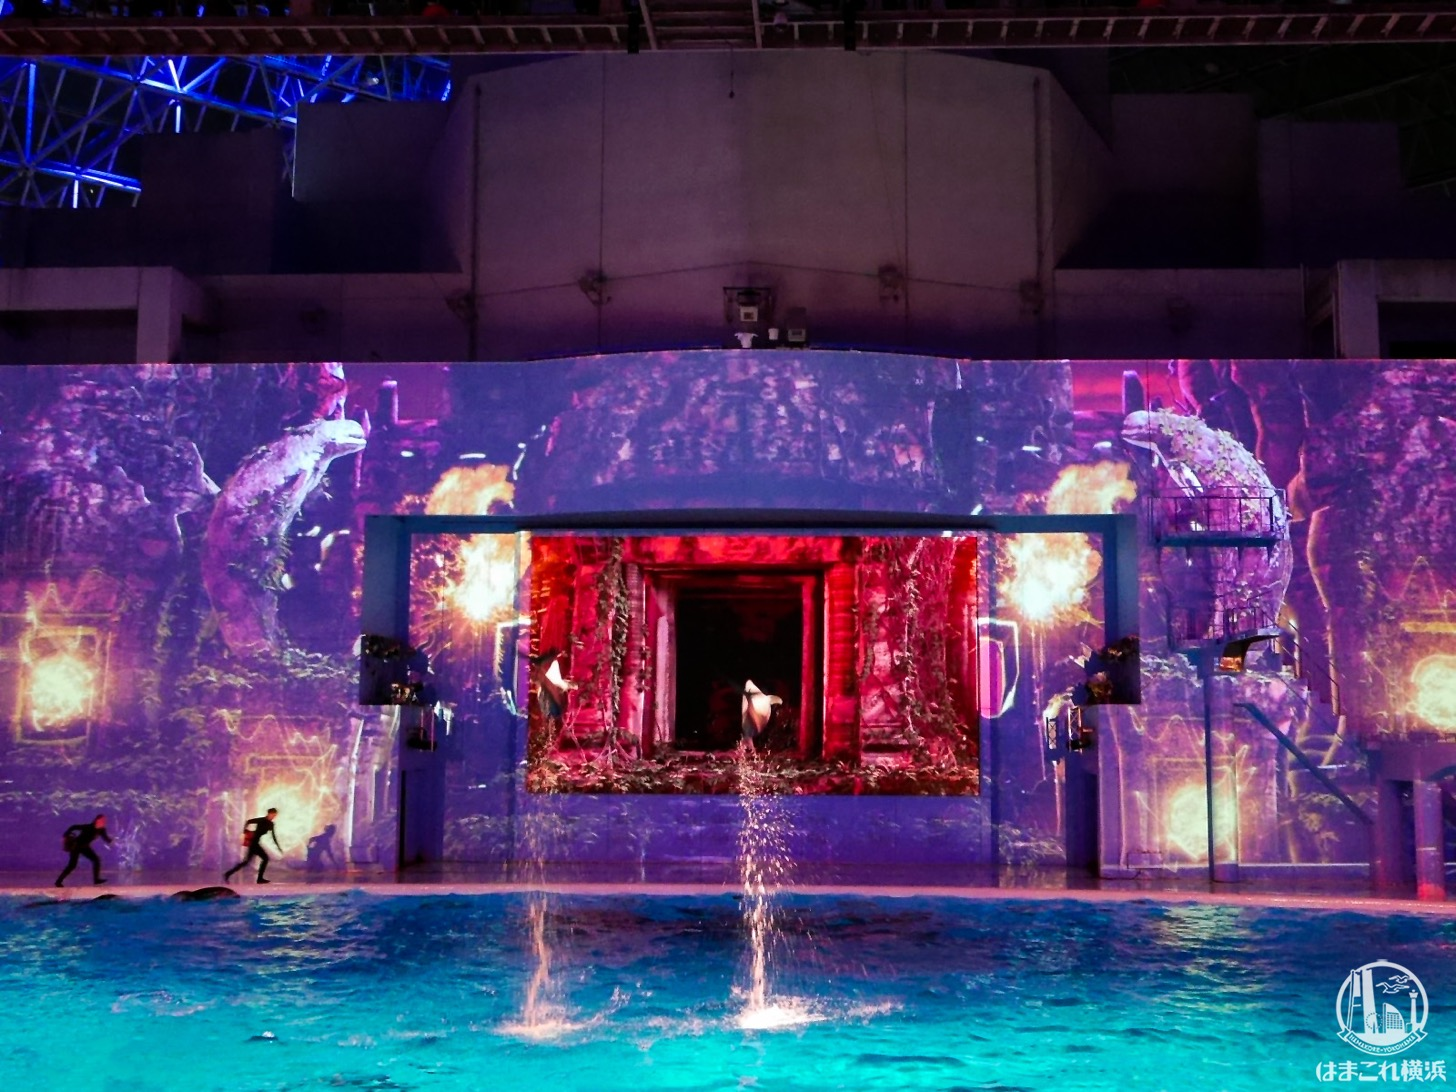 シーパラの冬の夜は神秘的!圧倒的スケールの新ナイトショー&イルミ